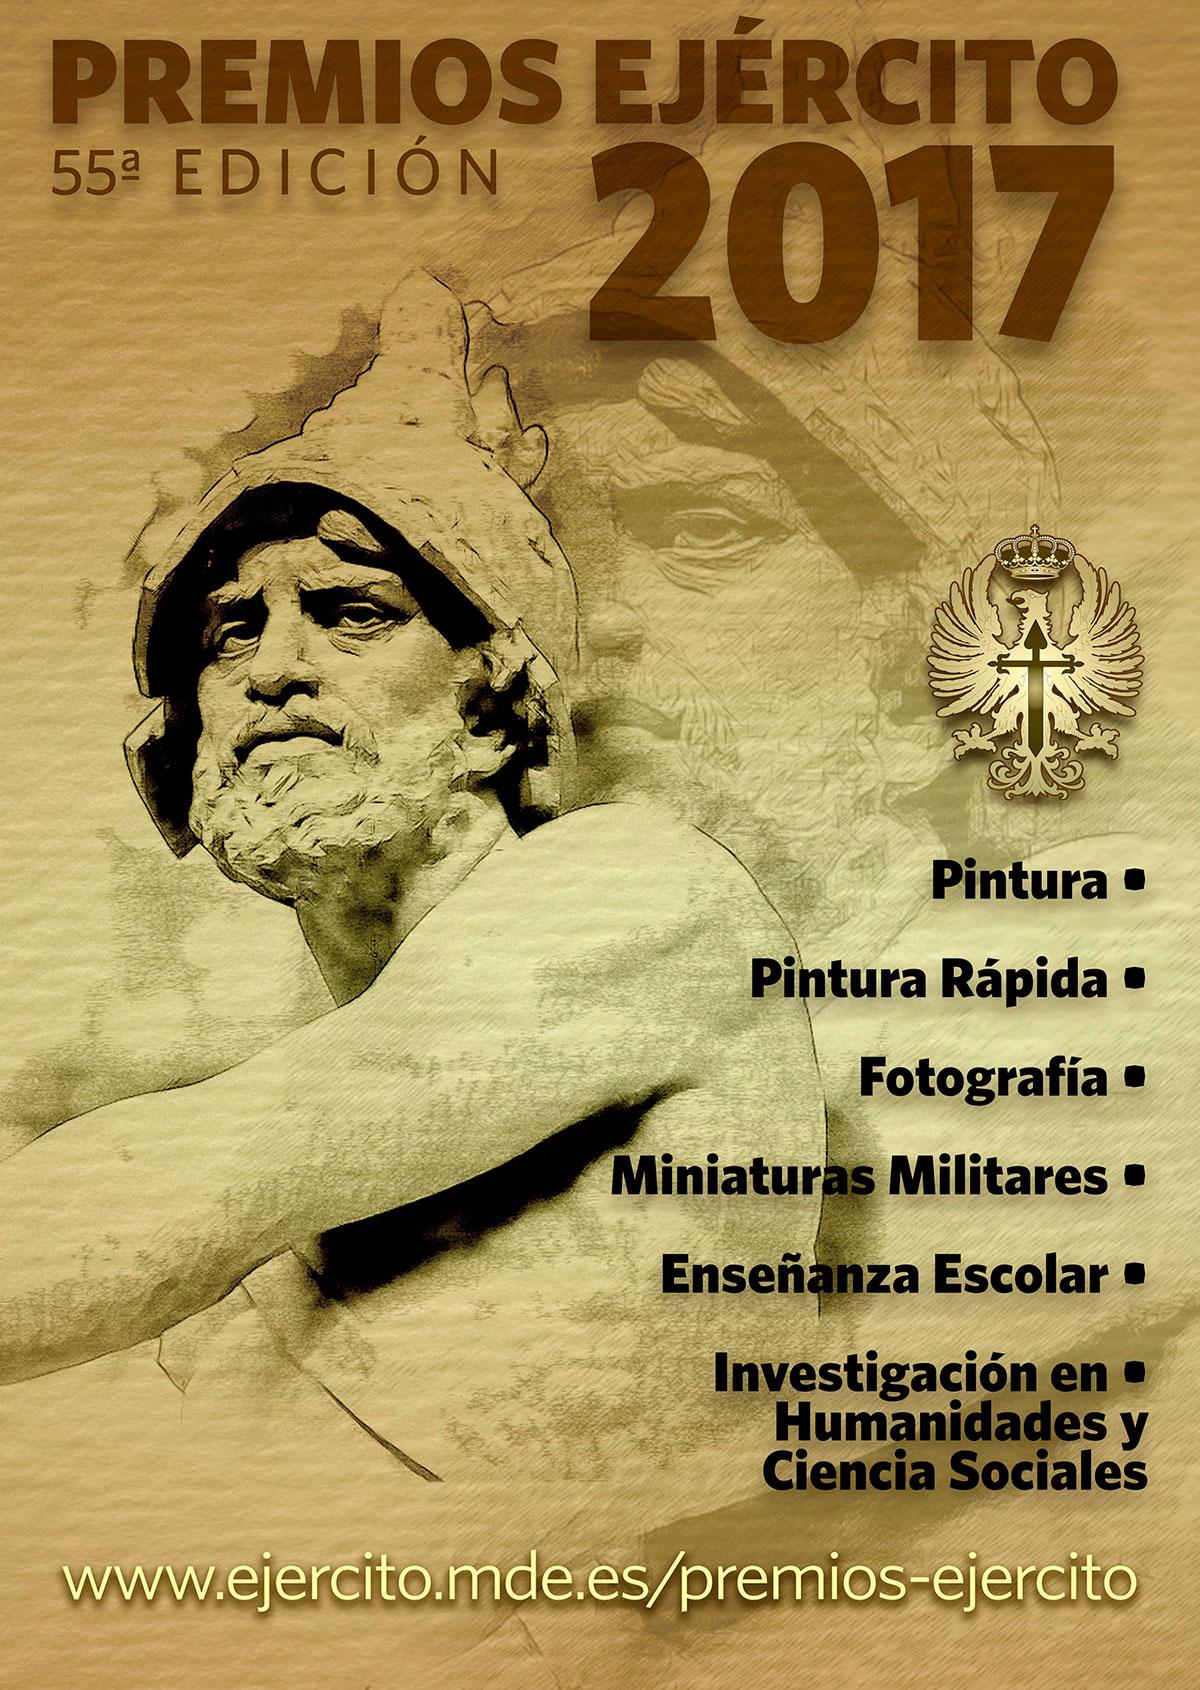 Premios Ejército 2017. Bases